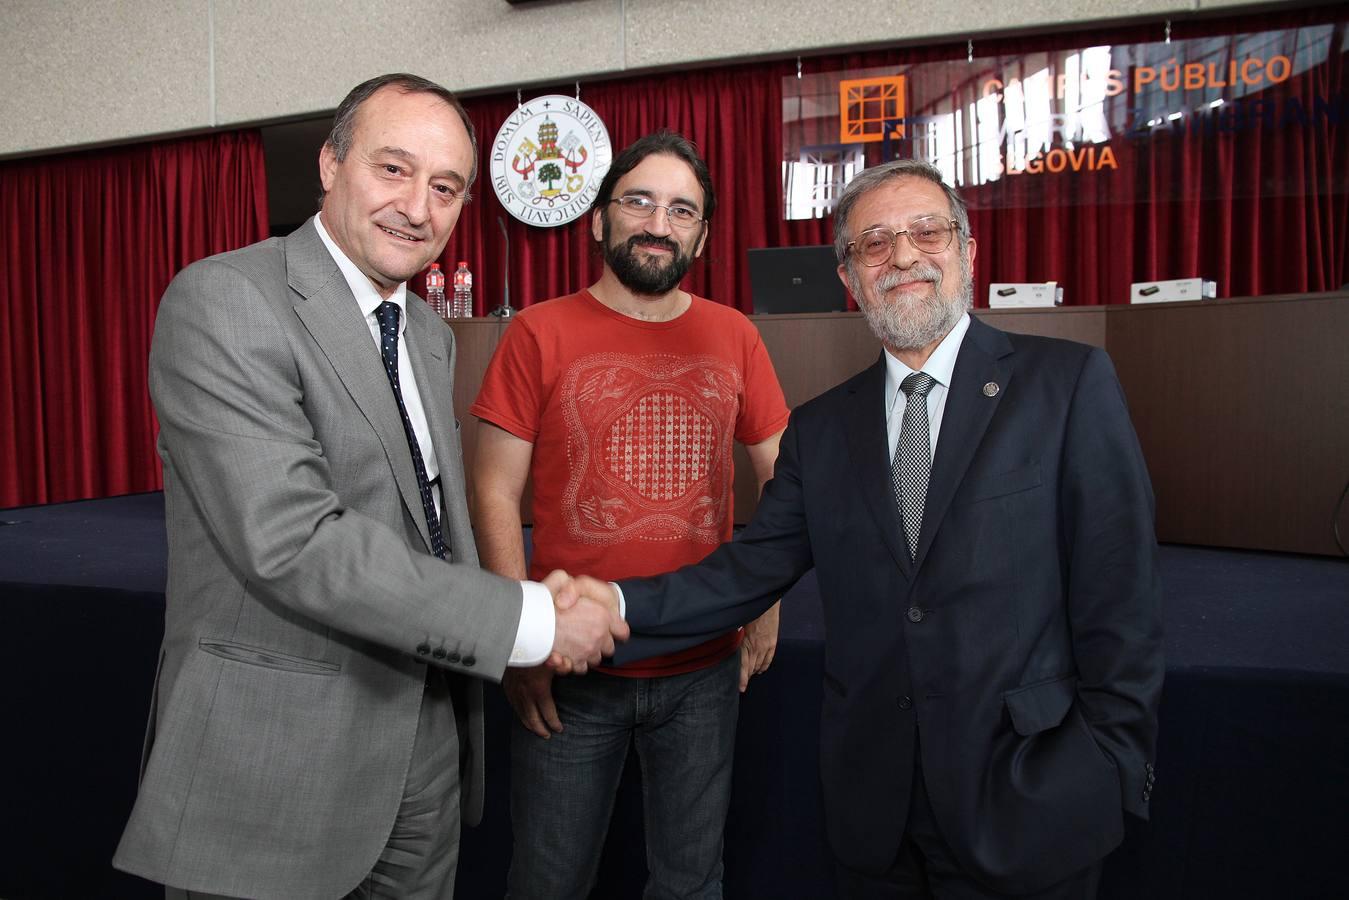 Los candidatos al Rectorado de la UVA, Marcos Sacristán y Daniel Miguel participan en un debate en el campus María Zambrano de Segovia